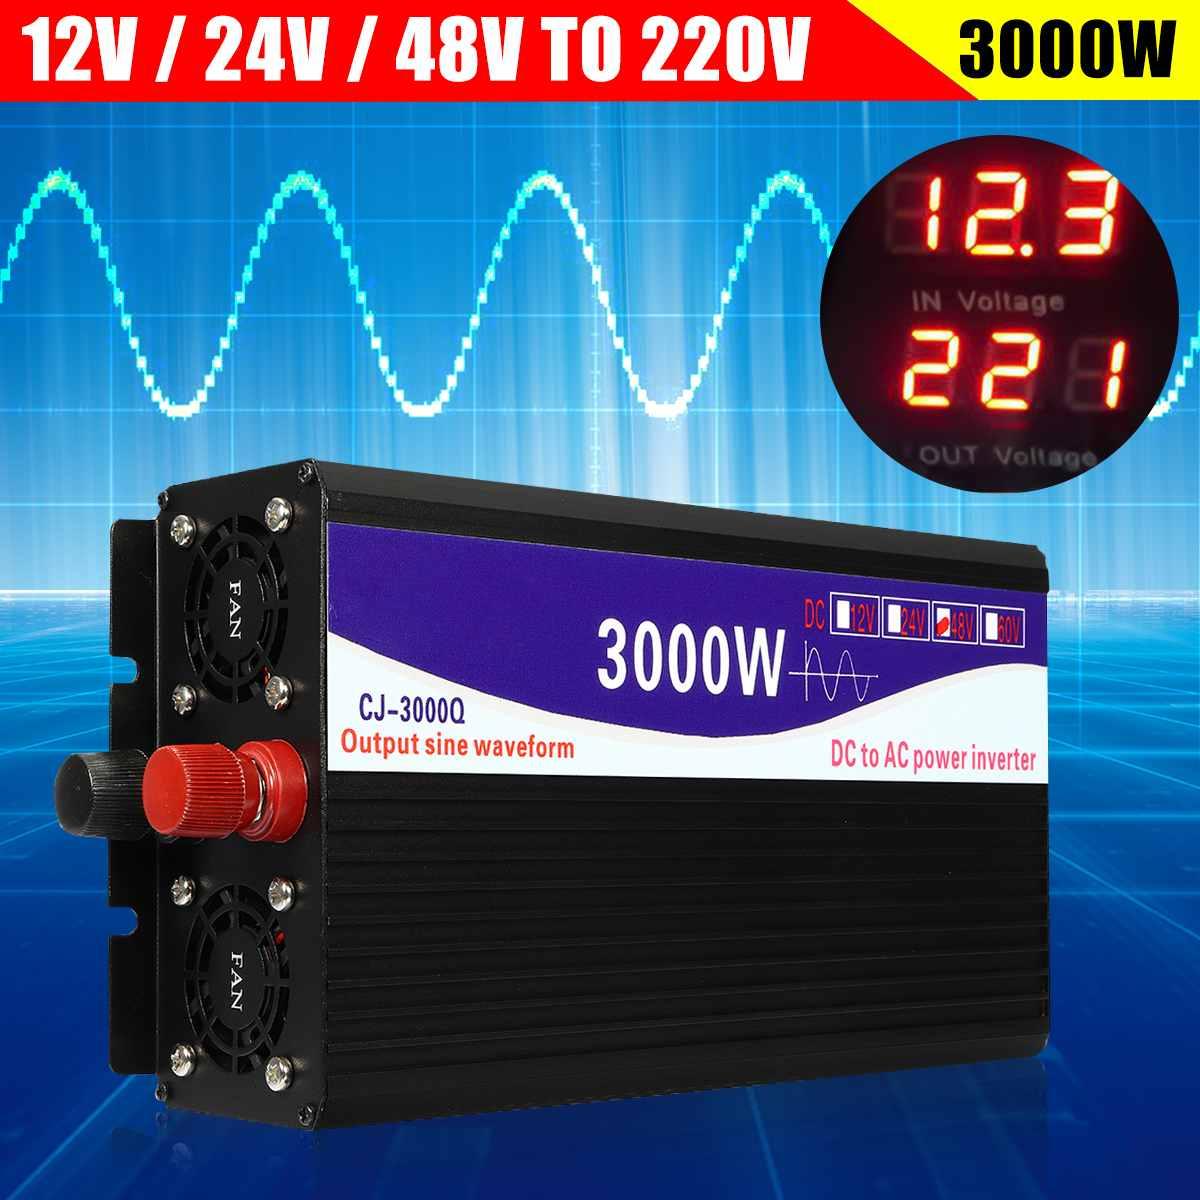 24V to 220V 3000W Pure Sine Wave Power Inverter Dual LED Digital Display 12V